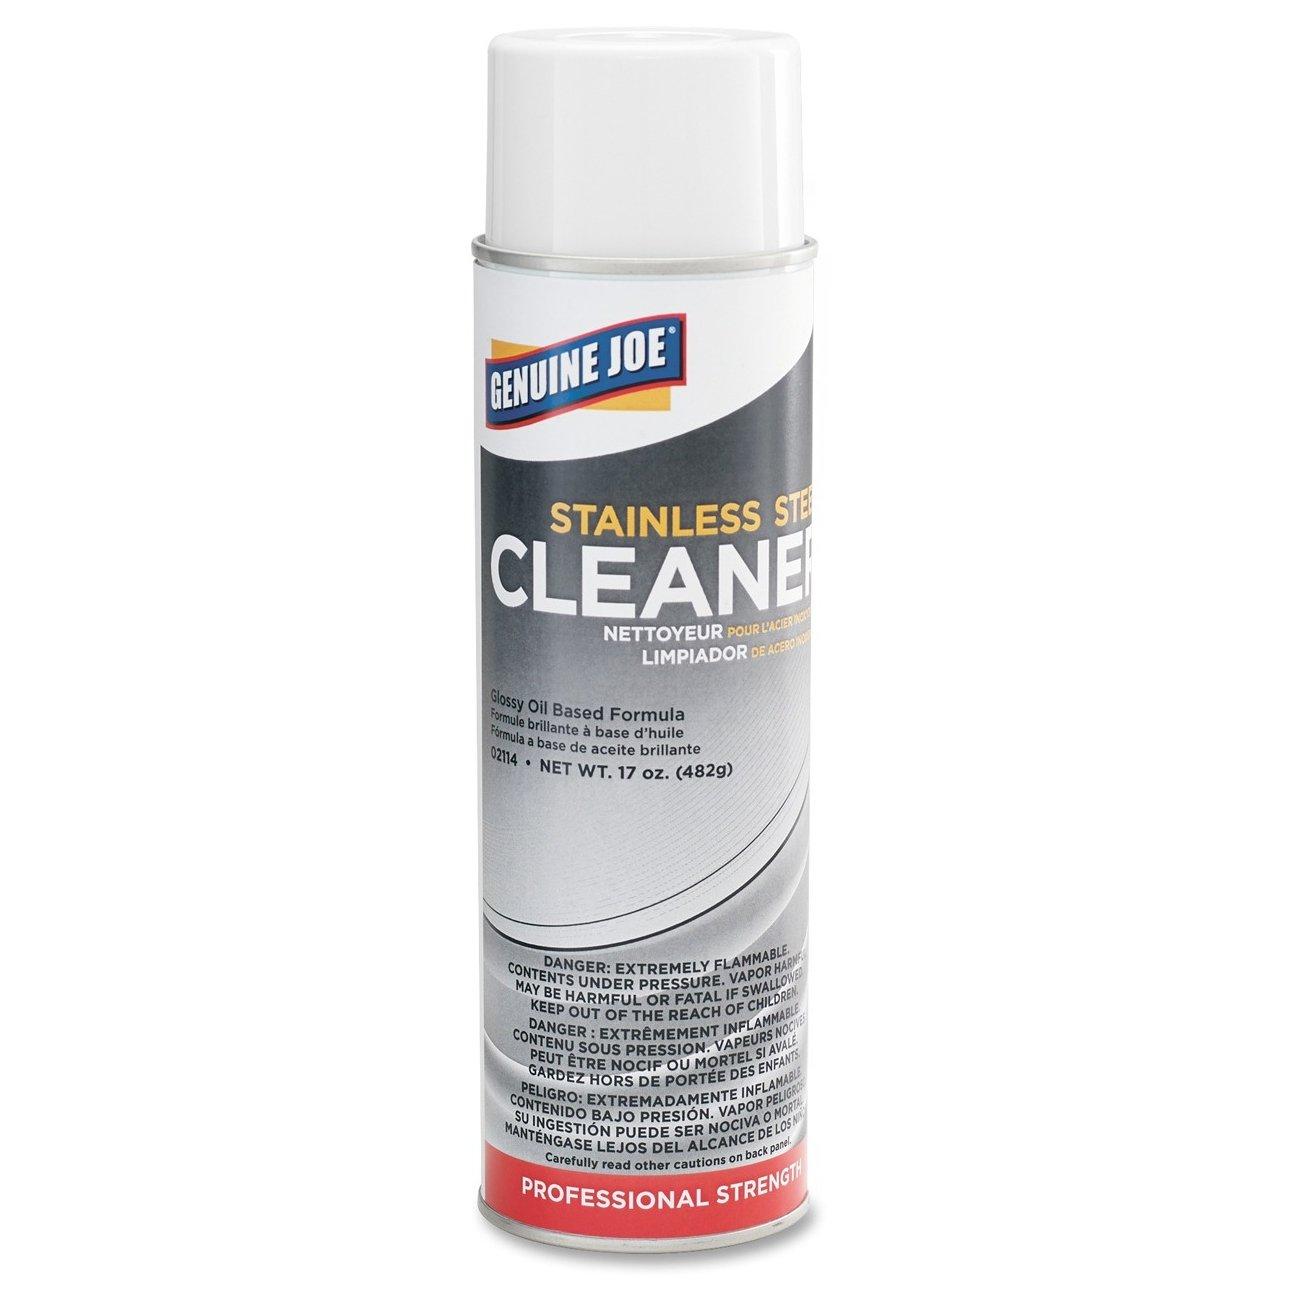 Genuine Joe GJO02114CT Stainless Steel Cleaner, 0.12 gal Can, Aerosol (Pack of 12)